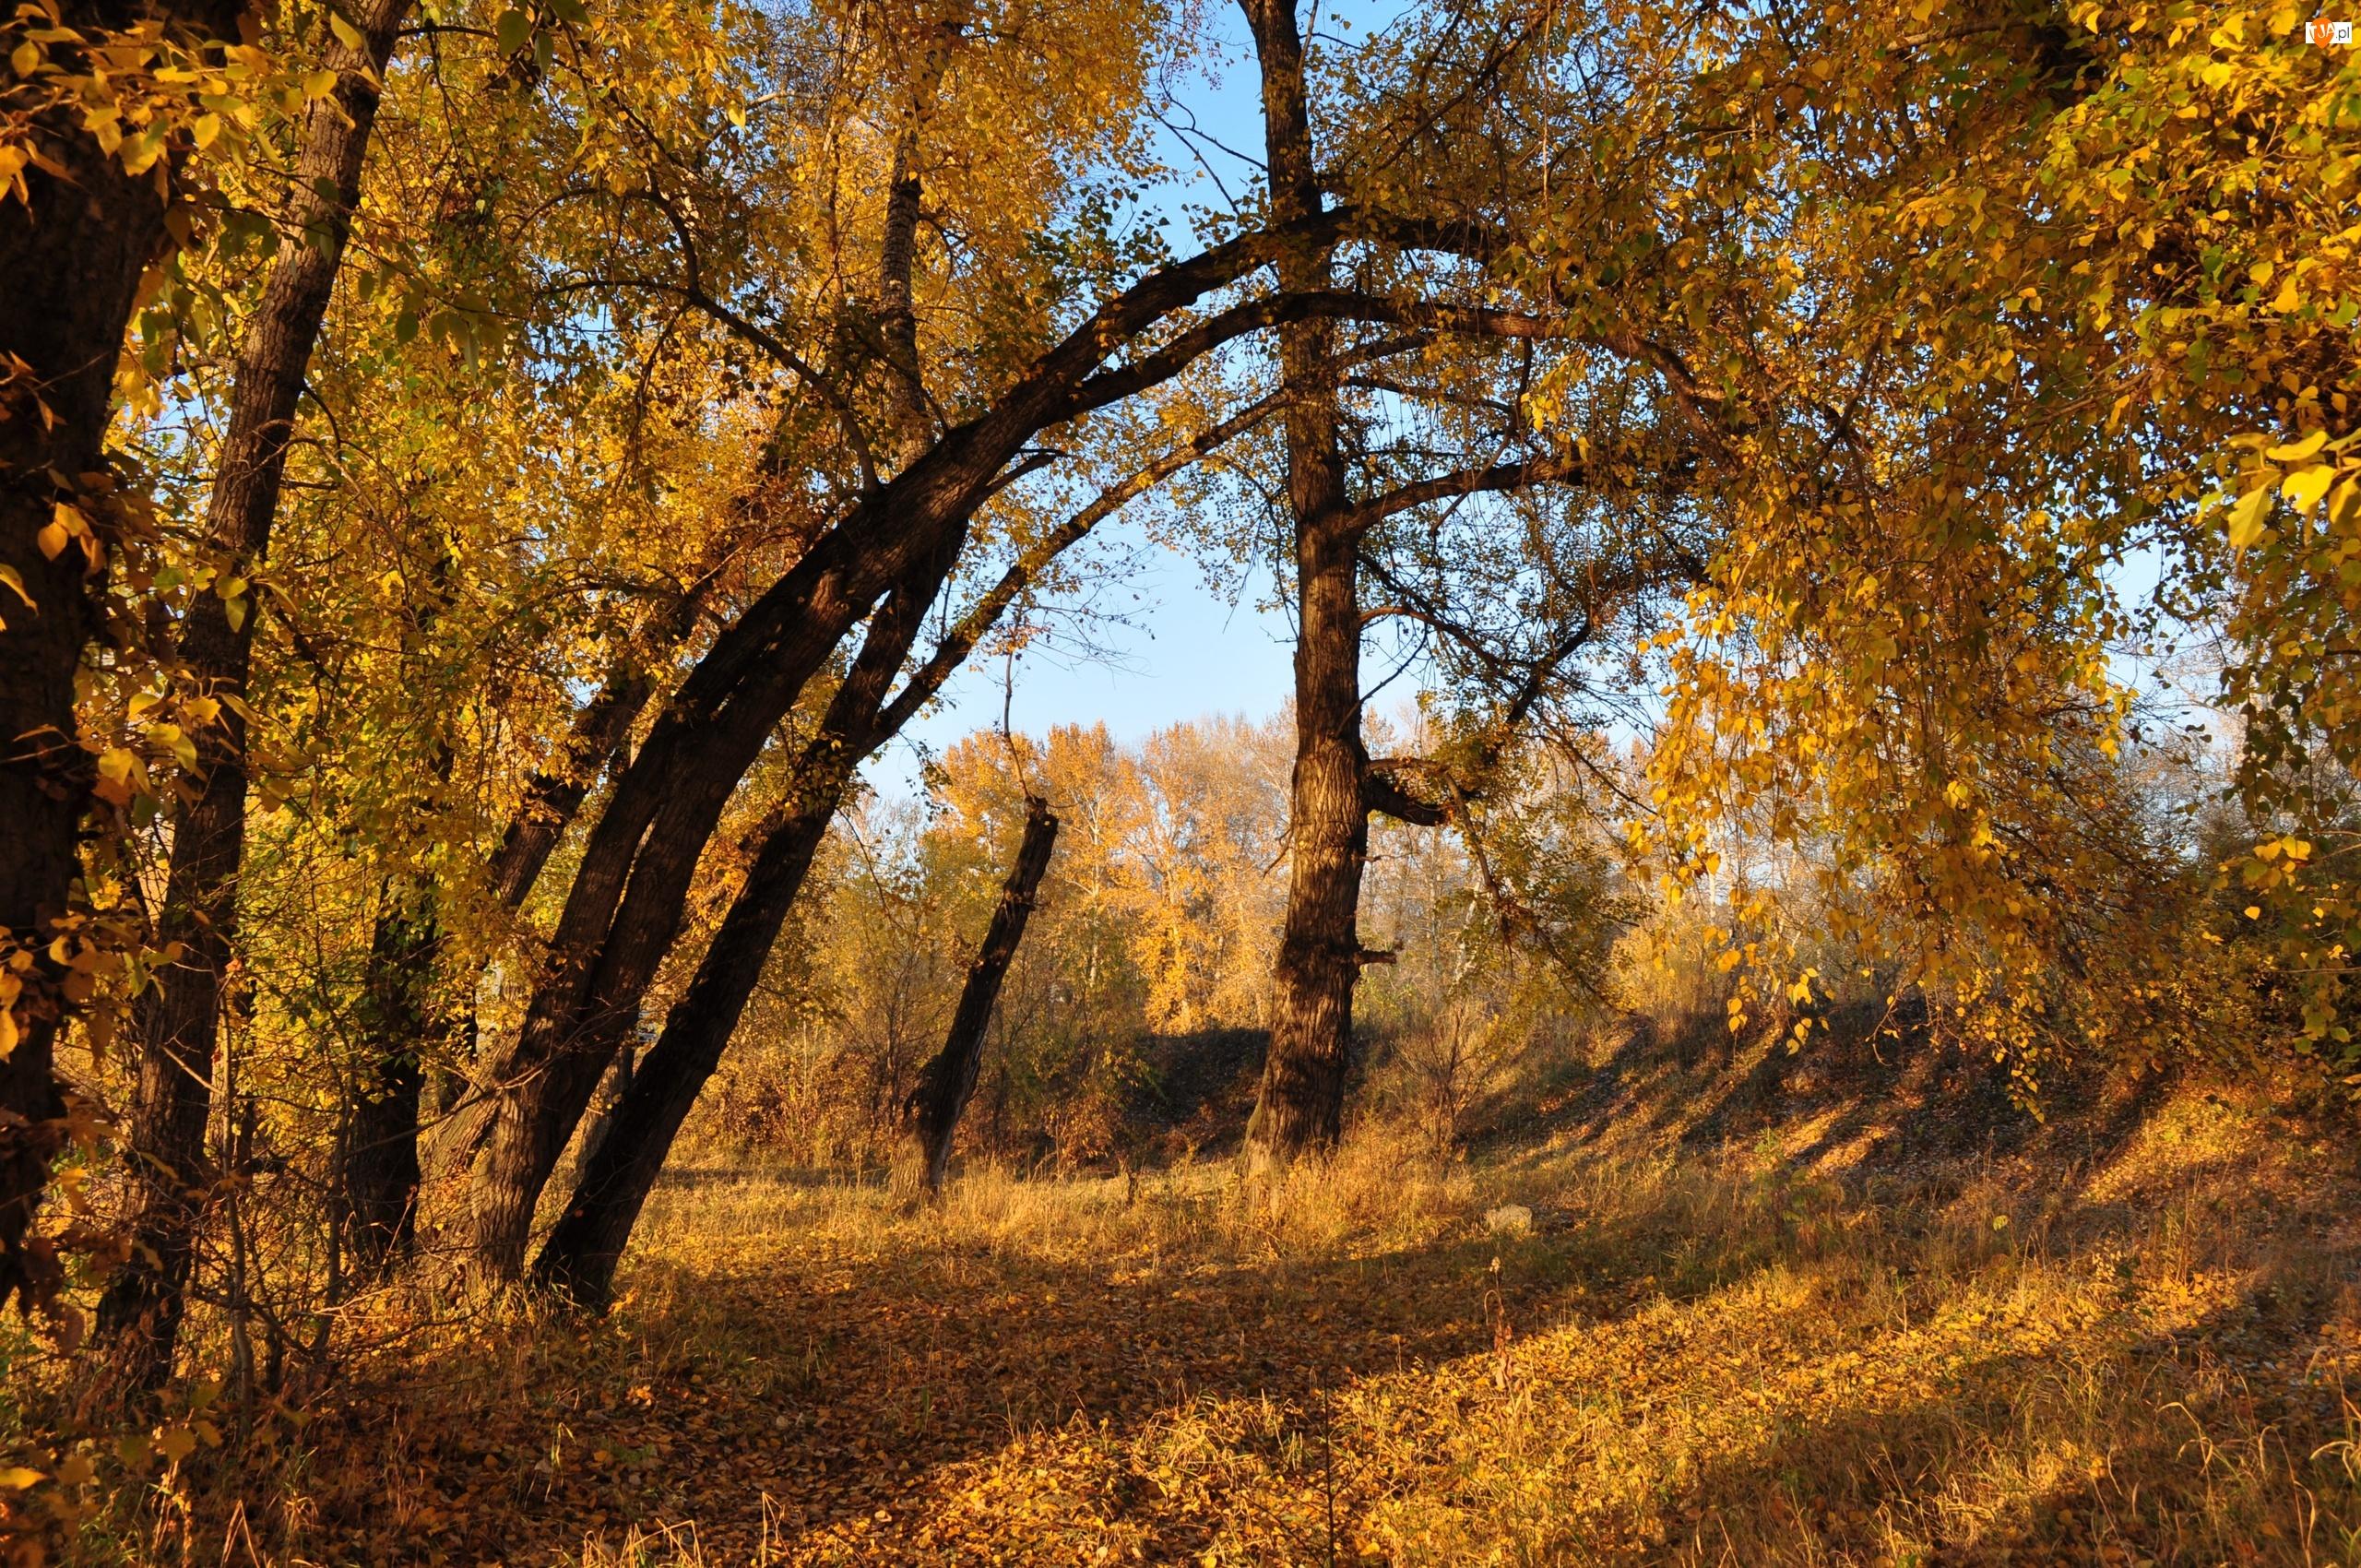 Jesień, Drzewa, Ścieżka, Liście